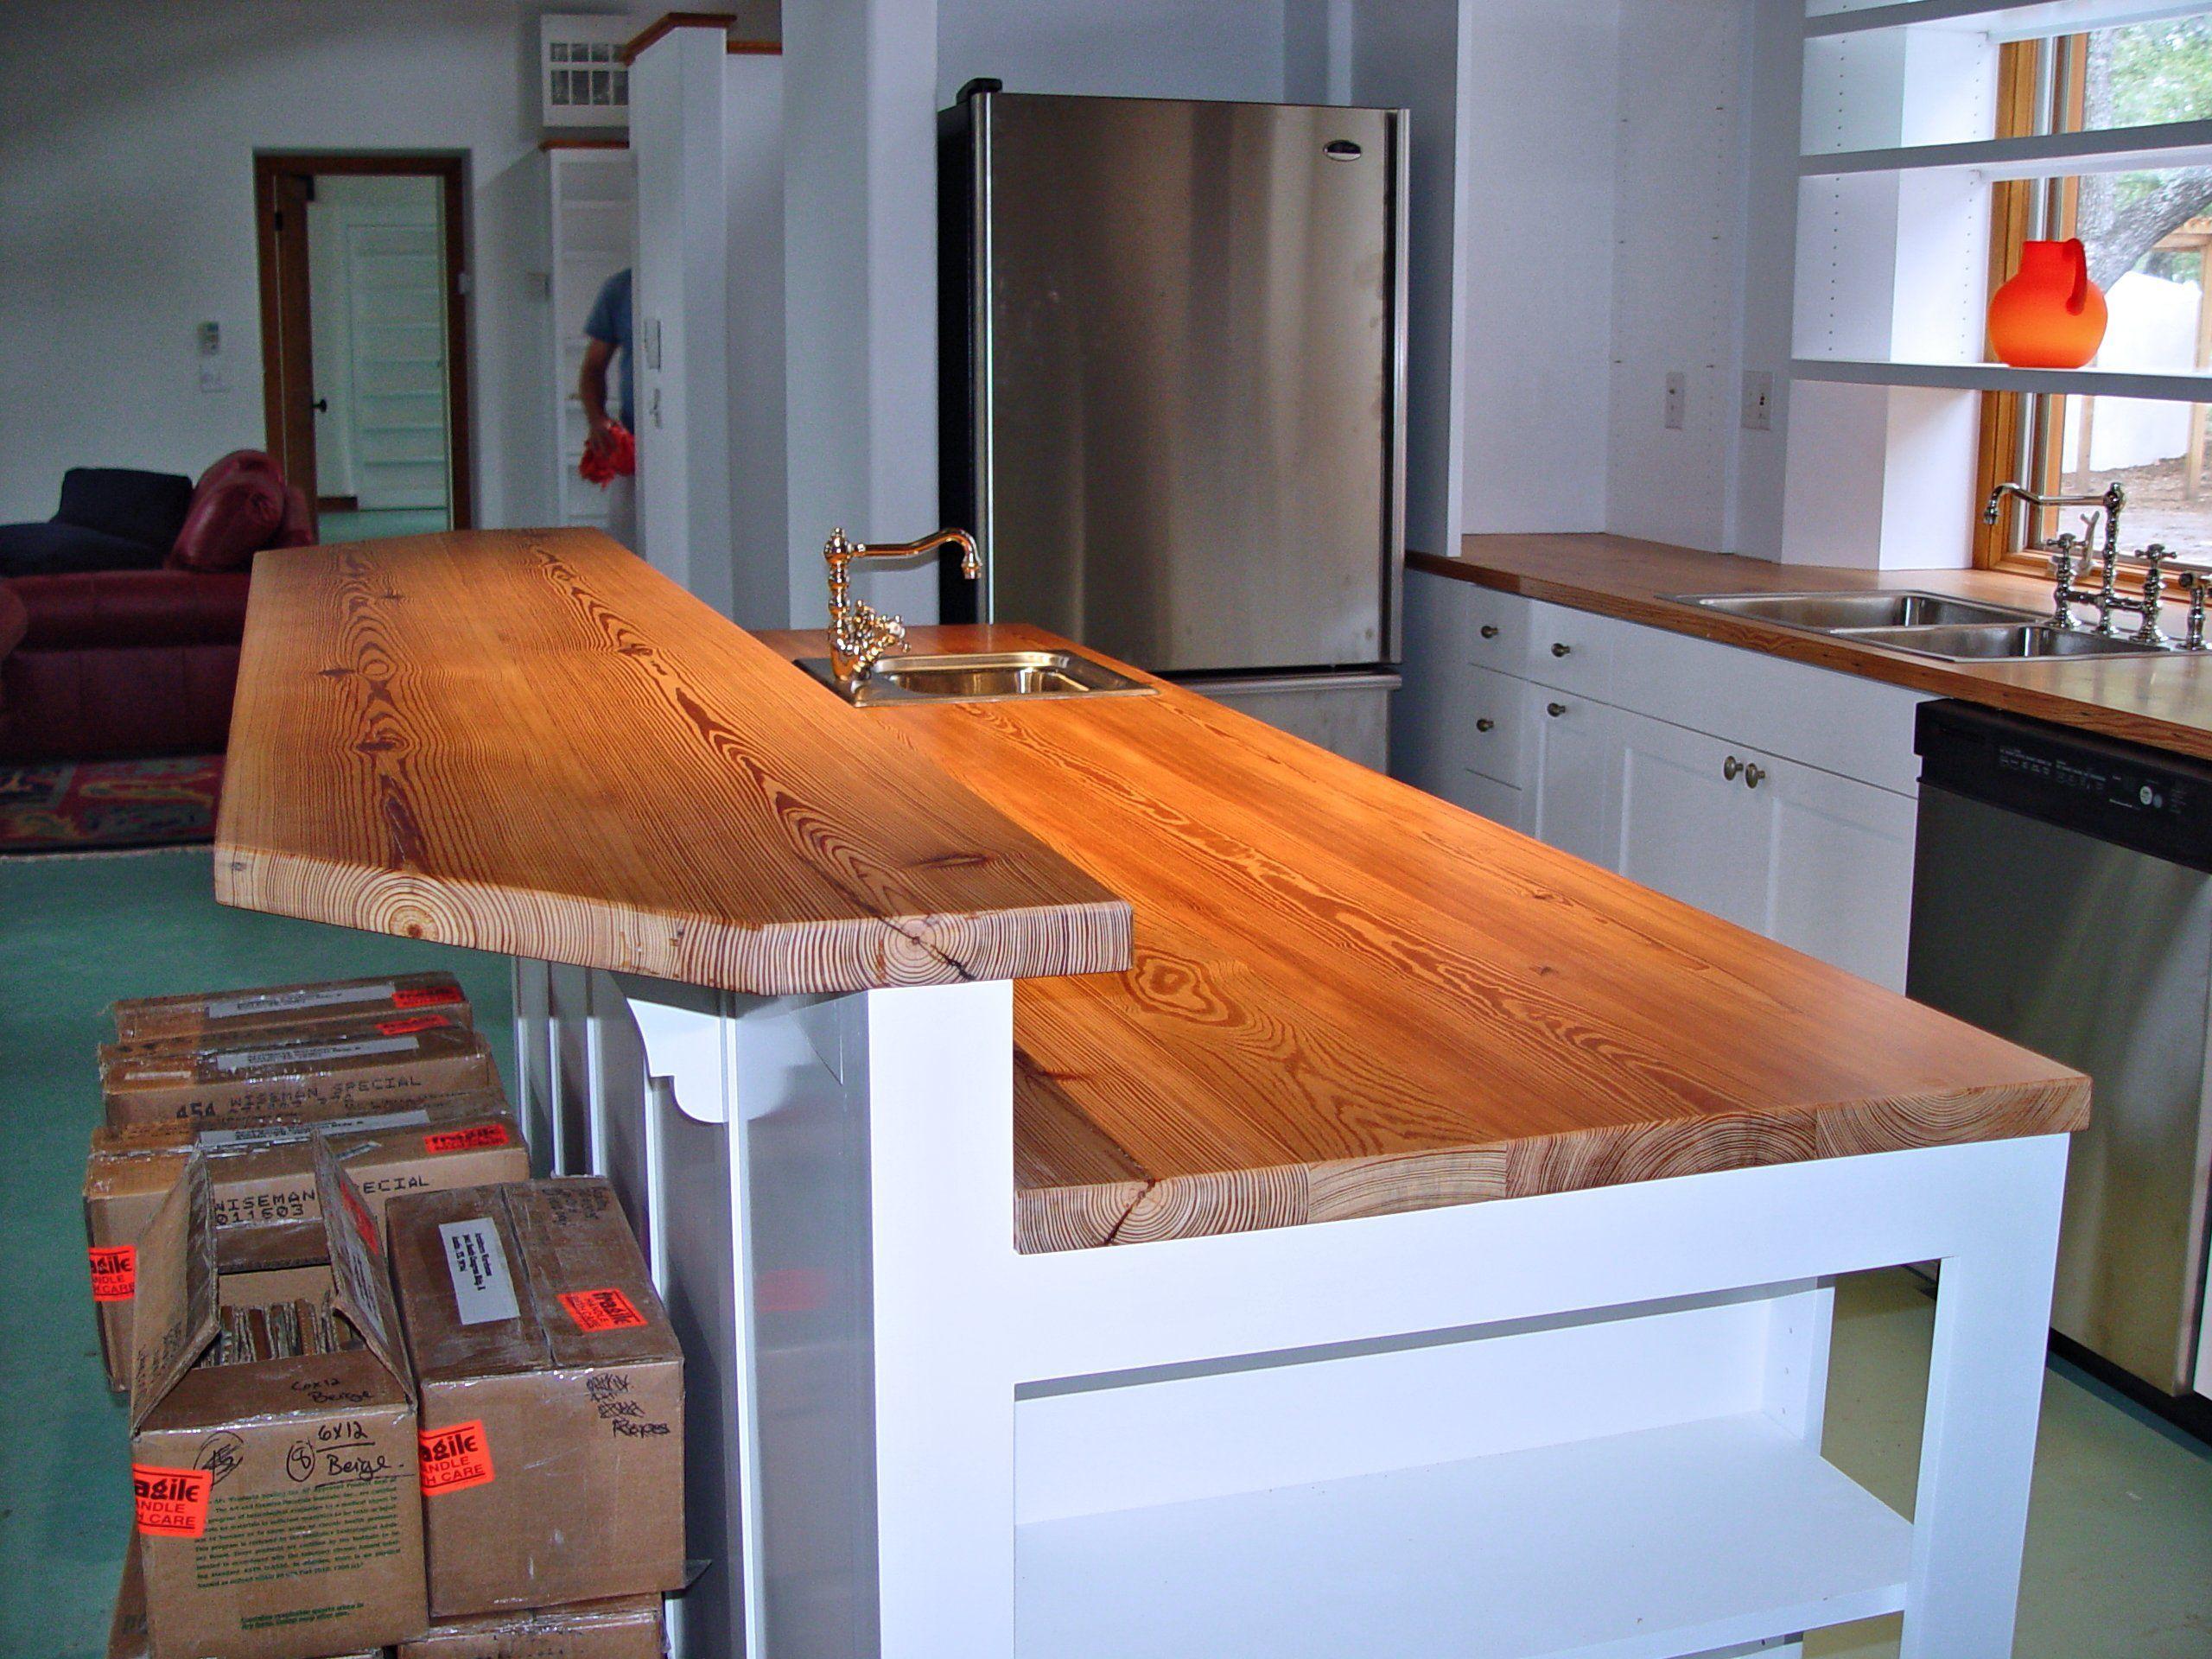 Devos Custom Woodworking Reclaimed Longleaf Pine Wood Countertop Photo Gallery